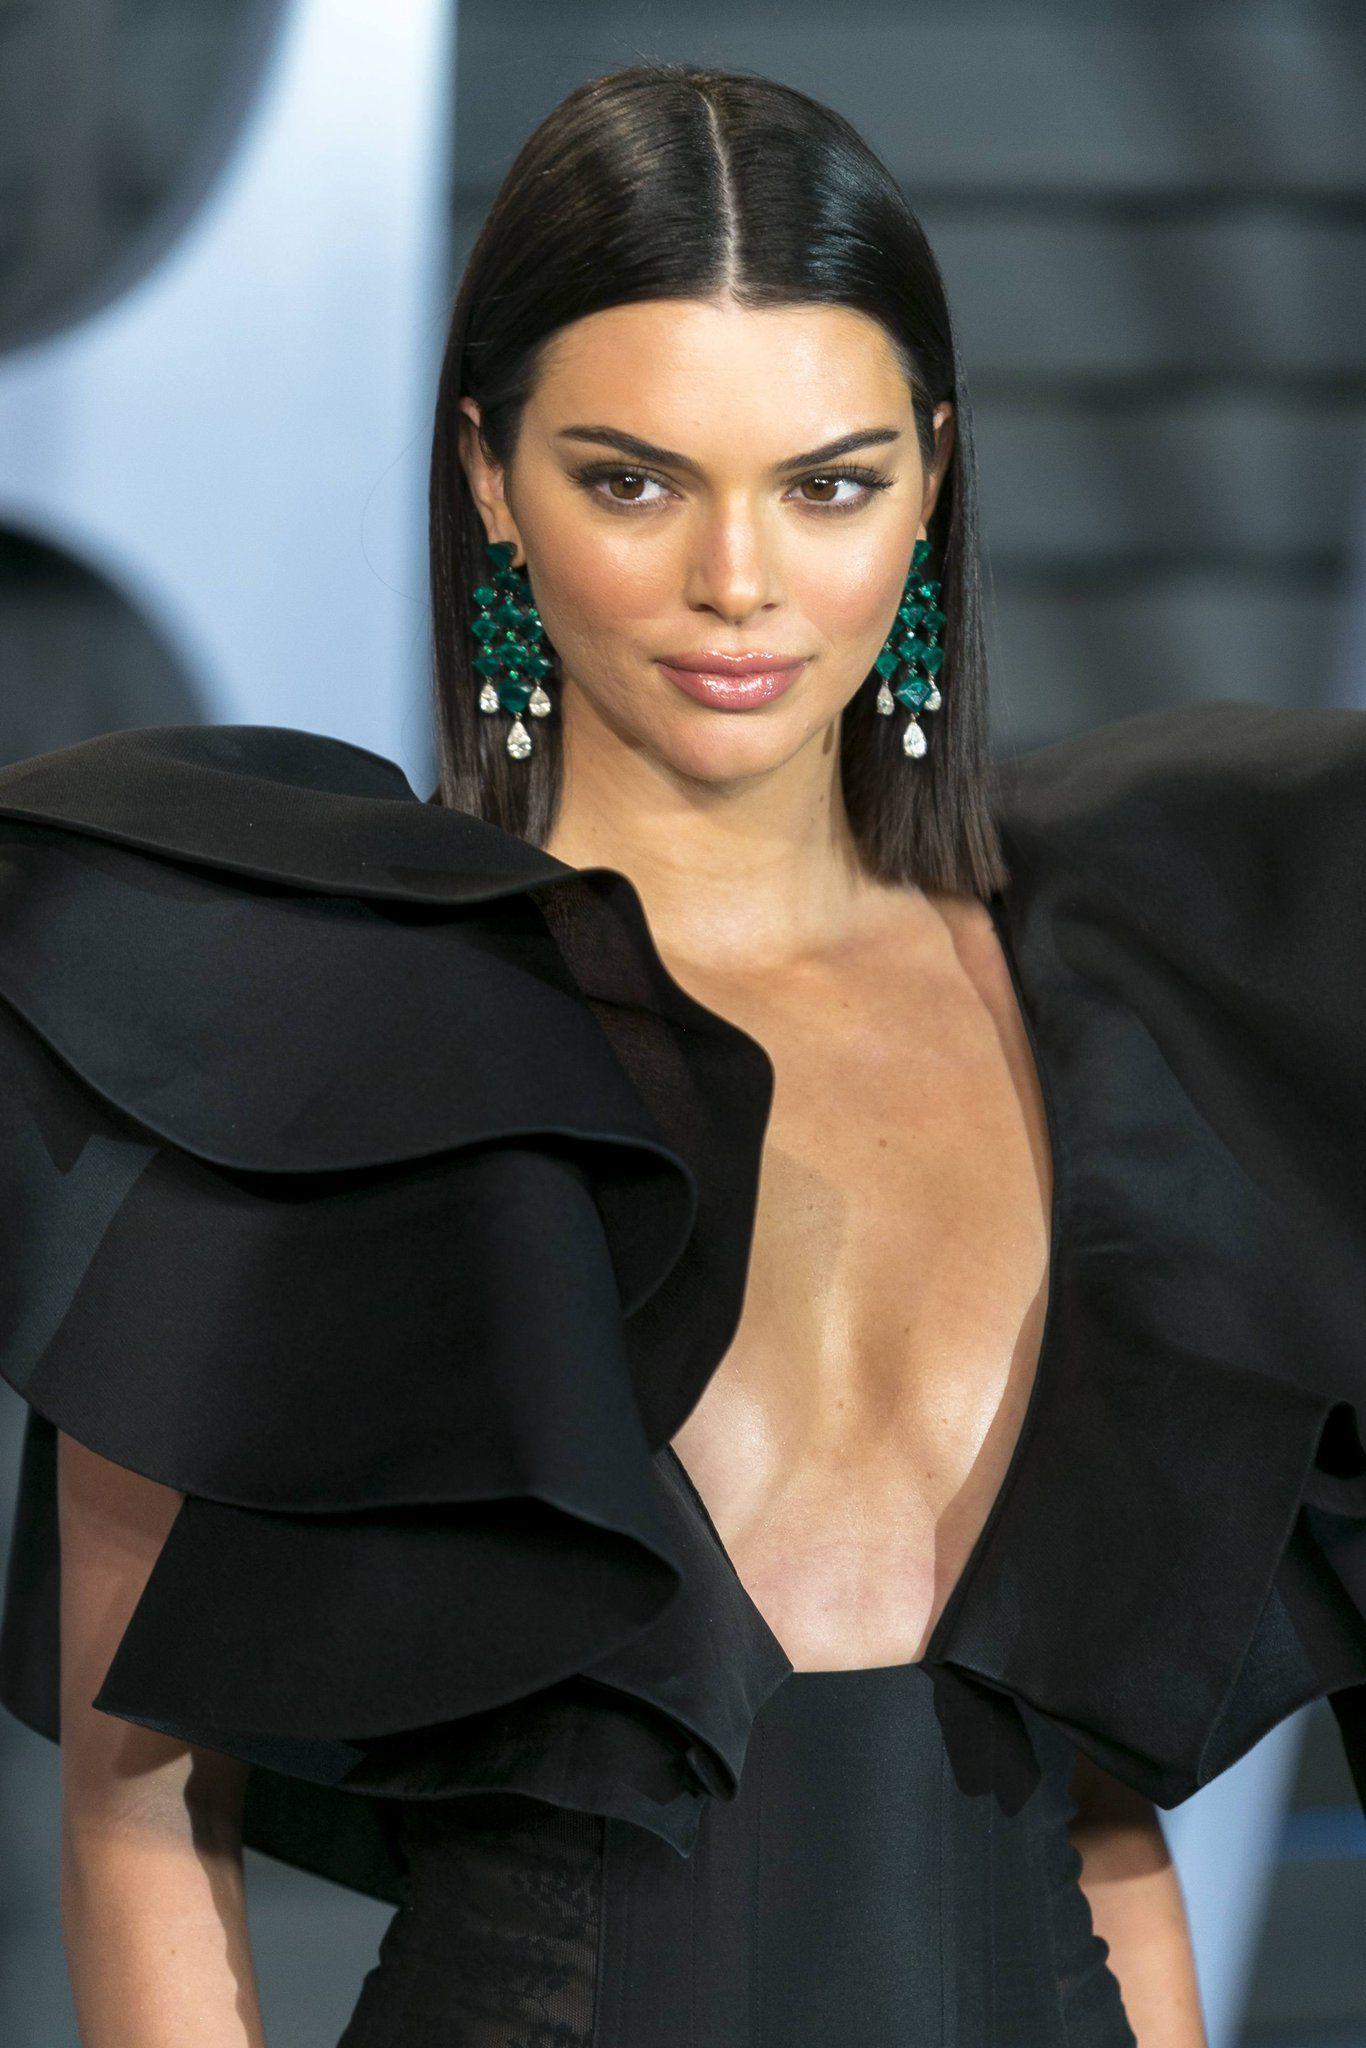 Stellaschiavon1 Arts Moda Peinados Vogue